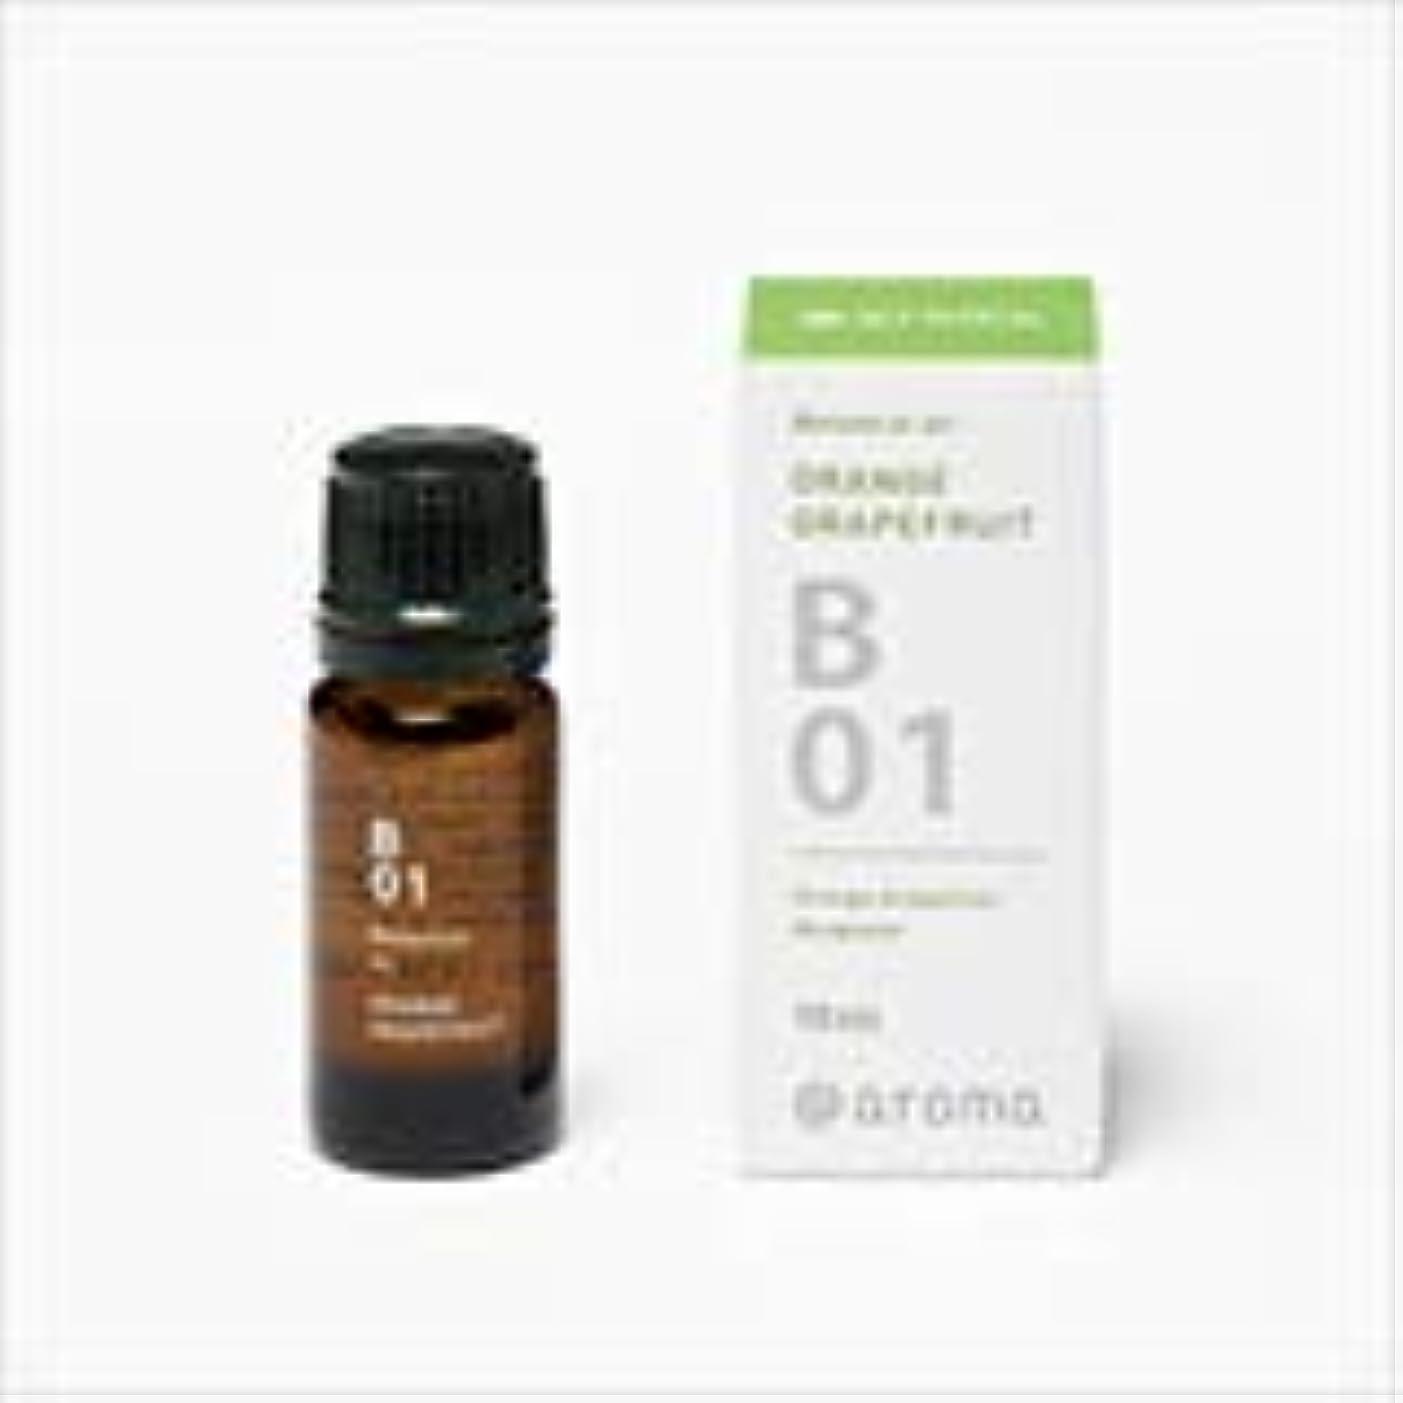 再生可能インフラ高音アットアロマ 100%pure essential oil <Botanical air ラベンダーティートリー>